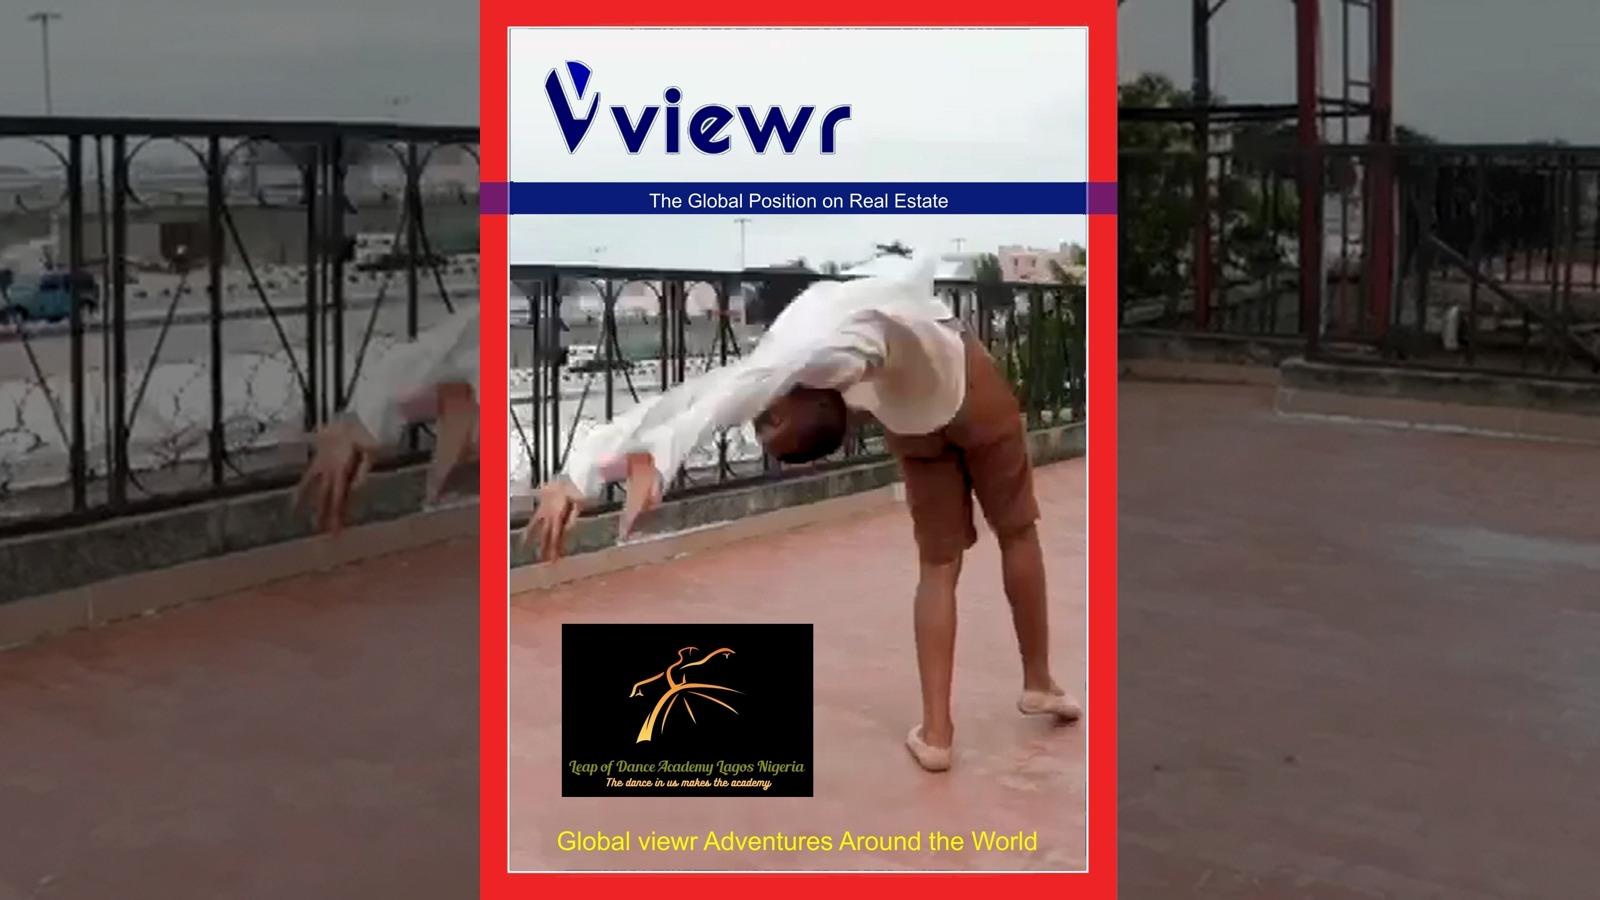 Anthony Mmesoma Madu Leap of Dance on Global viewr Magazine